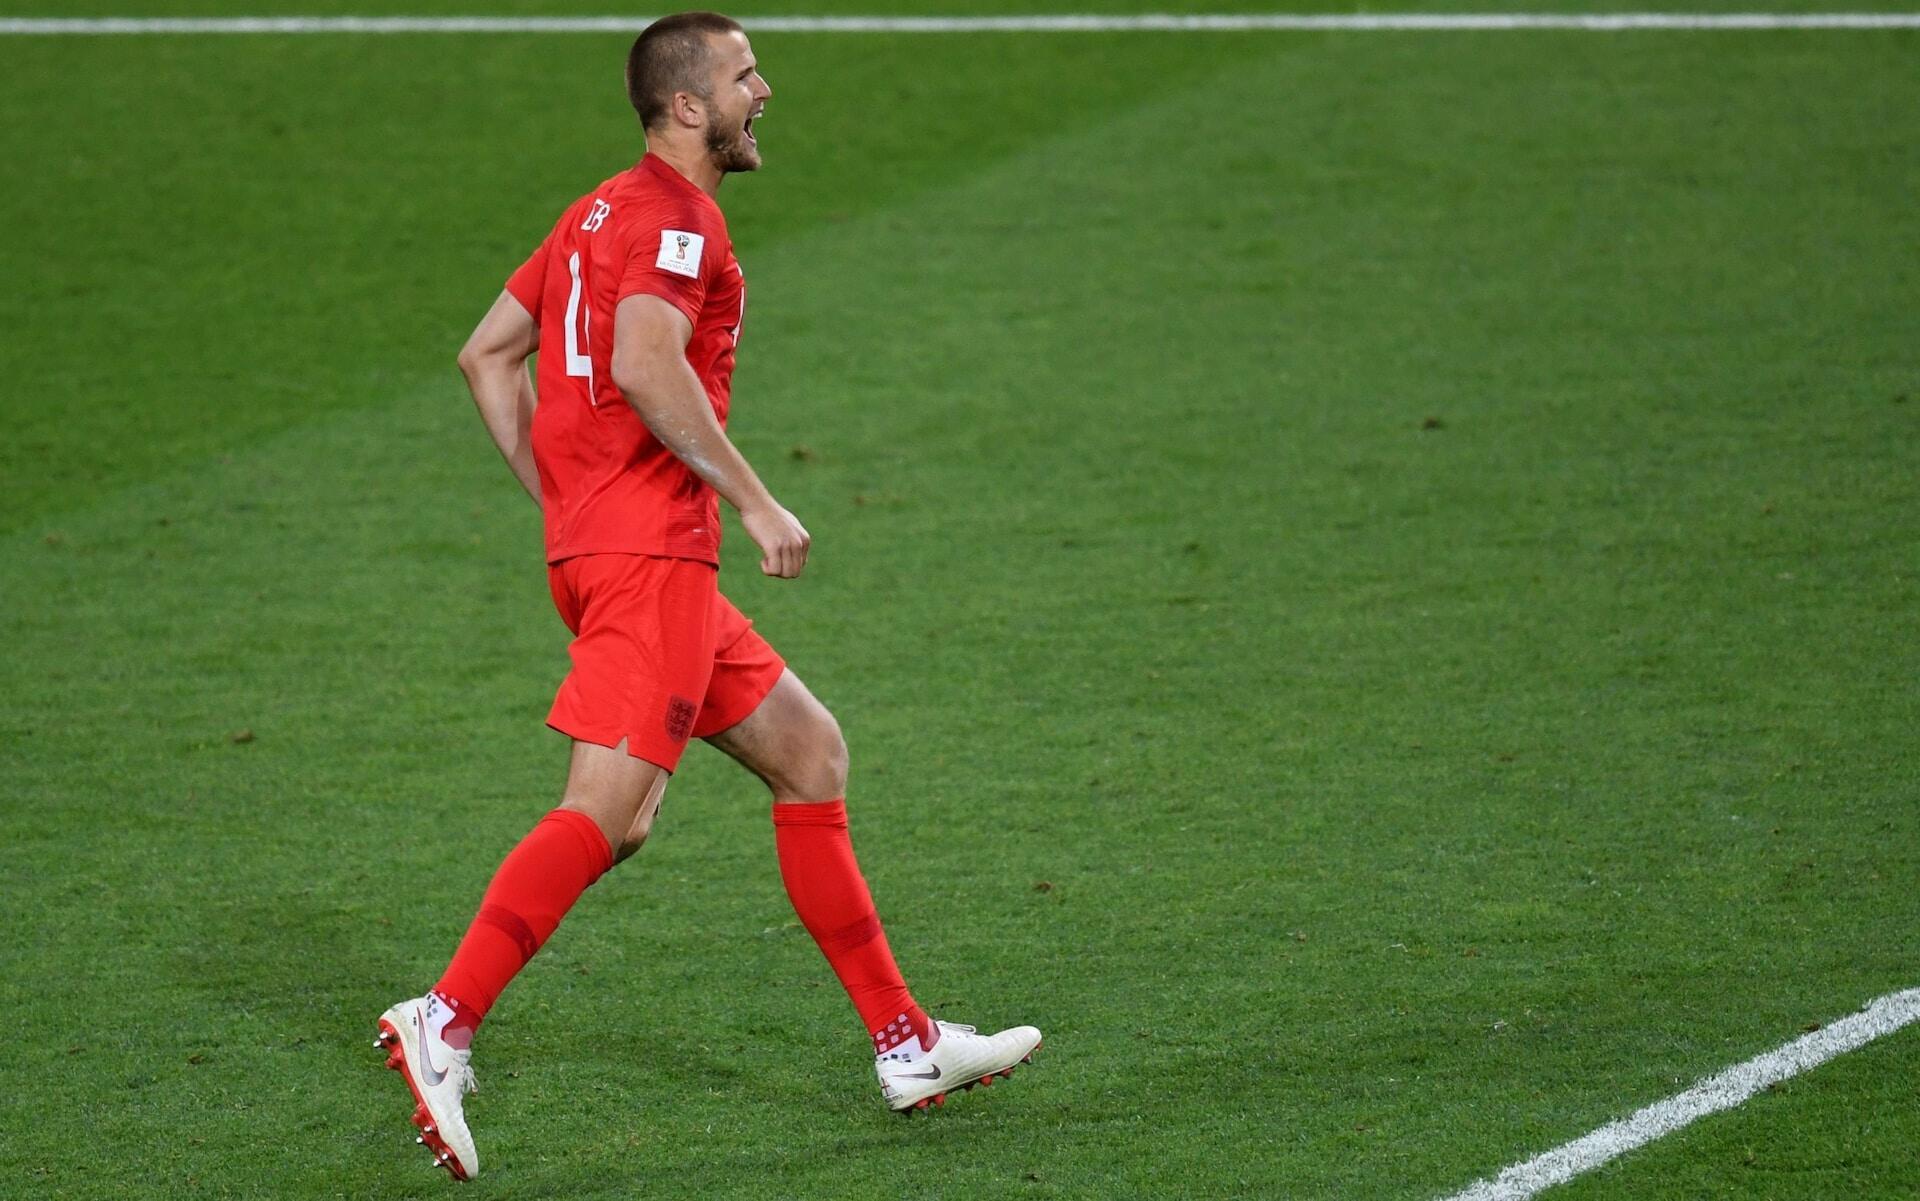 球员哭晕在厕所!英格兰遭足联罚款 不仅输给克罗地亚还得交7万瑞士法郎